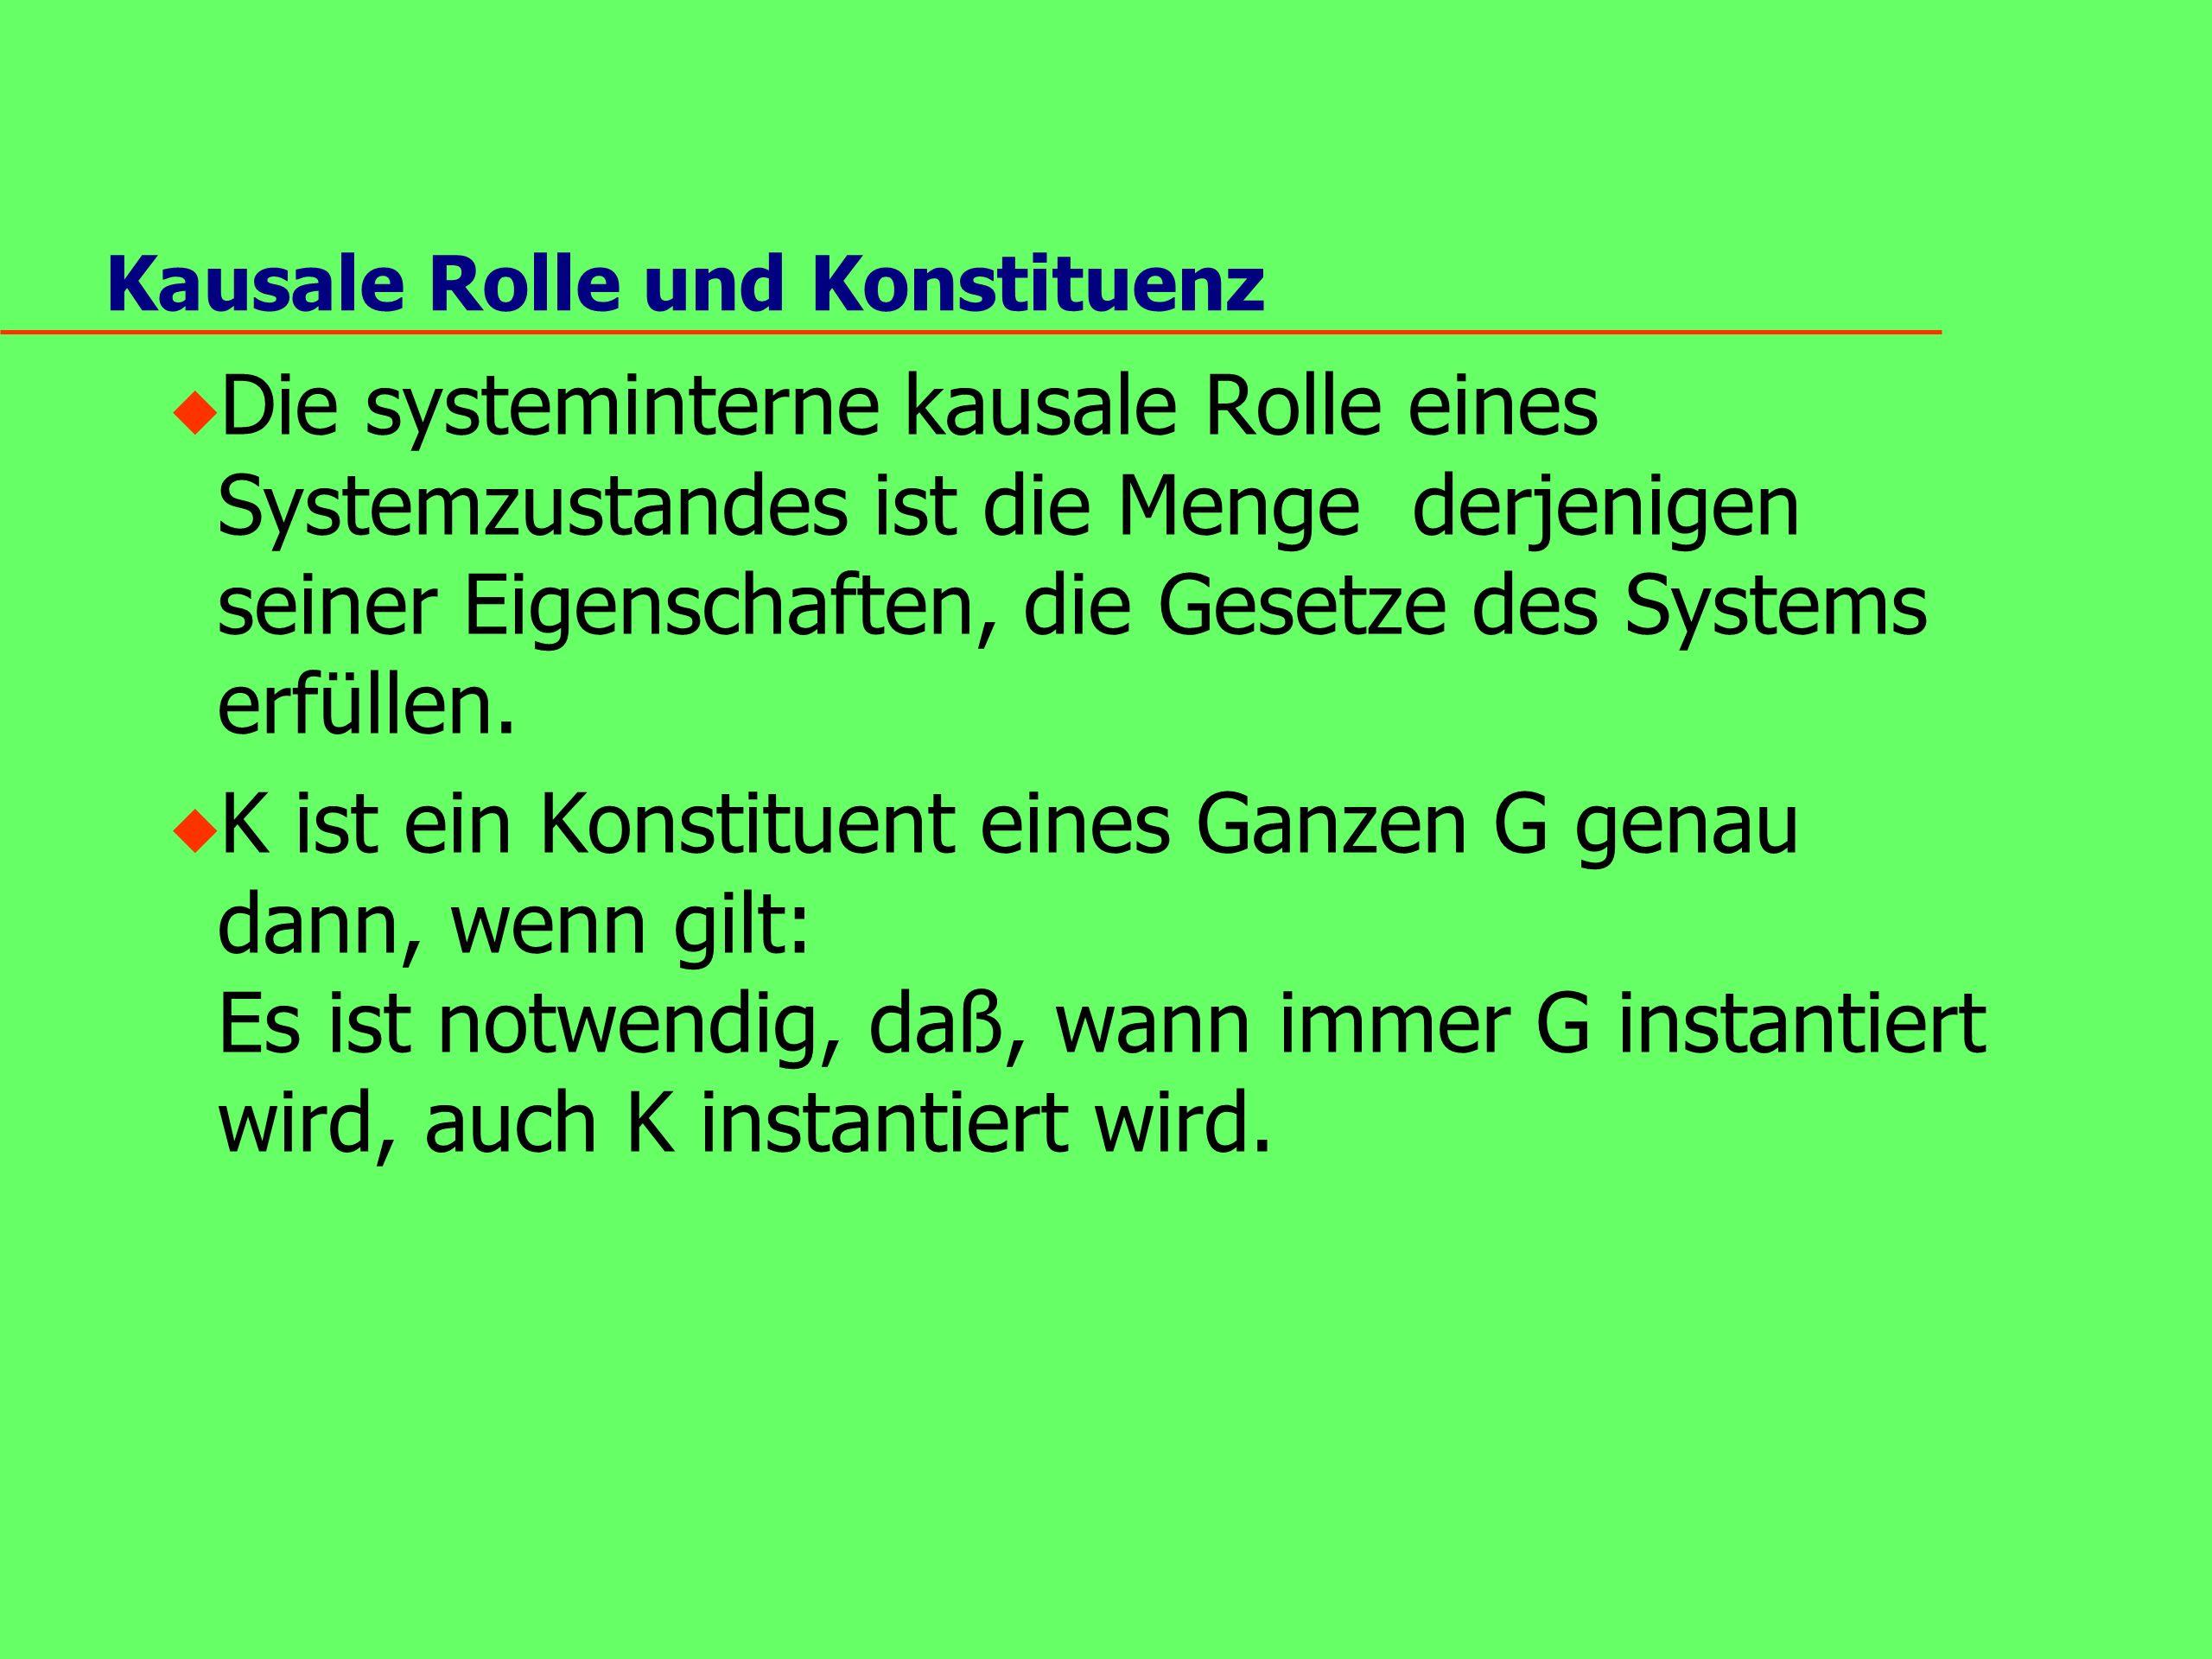 Kausale Rolle und Konstituenz u Die systeminterne kausale Rolle eines Systemzustandes ist die Menge derjenigen seiner Eigenschaften, die Gesetze des Systems erfüllen.